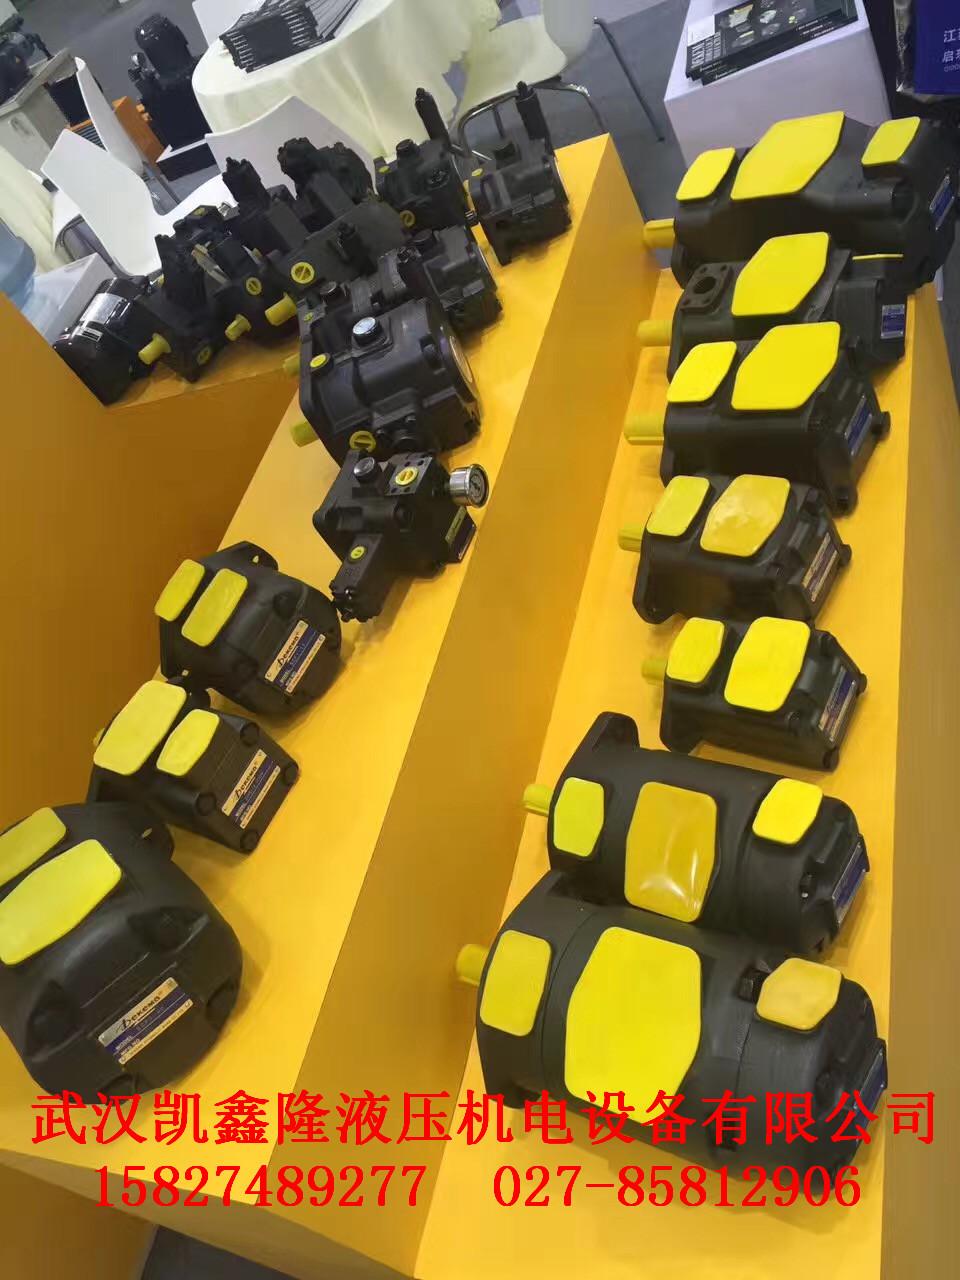 福建叶片泵YB1-40/20详细说明